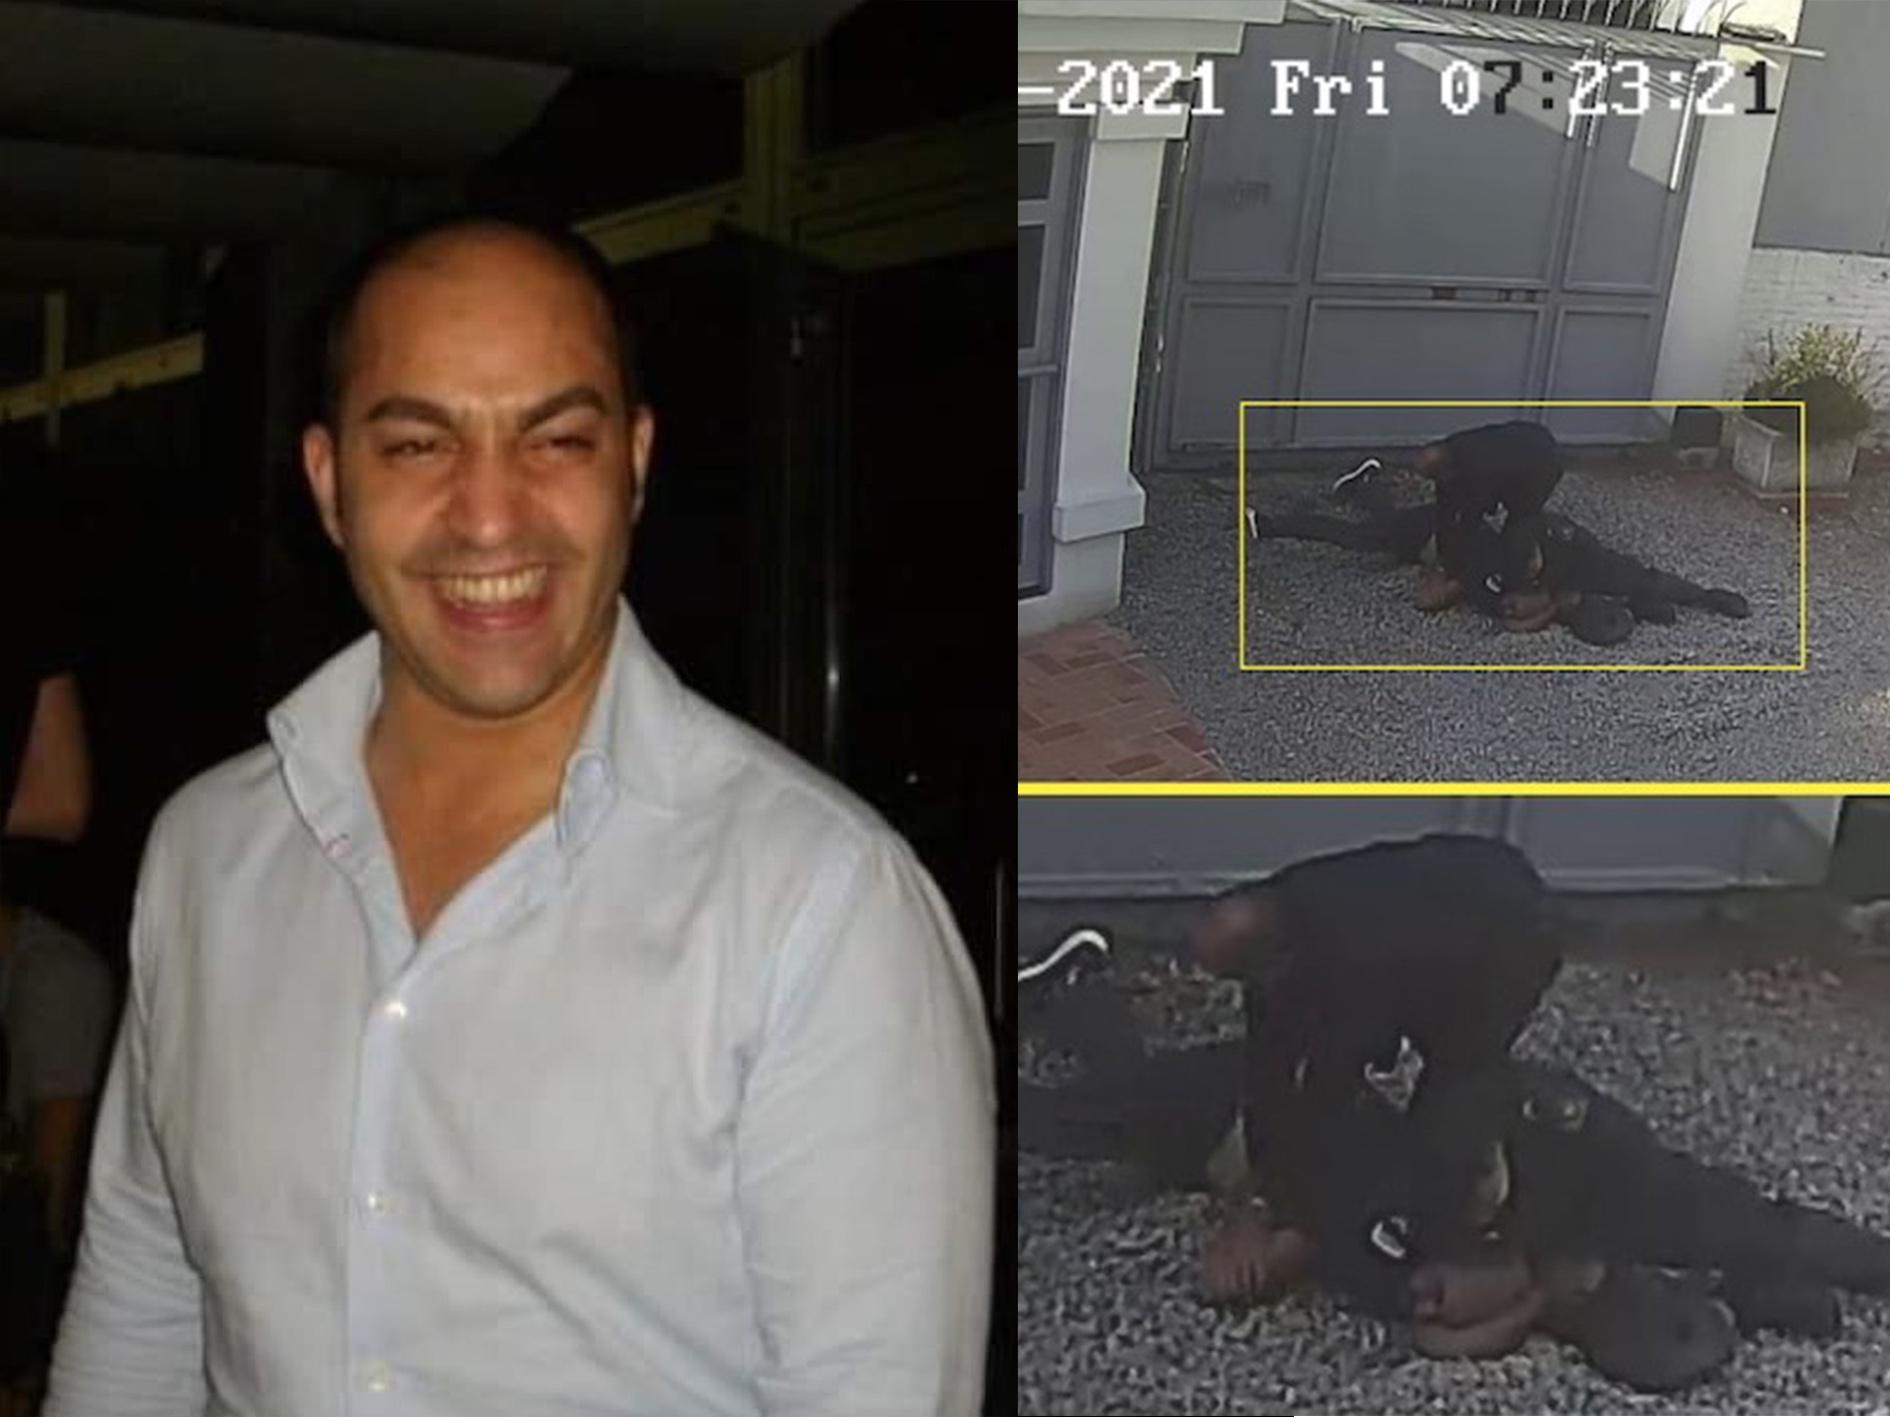 Parla il fratello di Luca Ventre: «L'hanno ucciso in ambasciata soffocandolo. Ecco perché voleva fuggire dall'Uruguay» – L'intervista